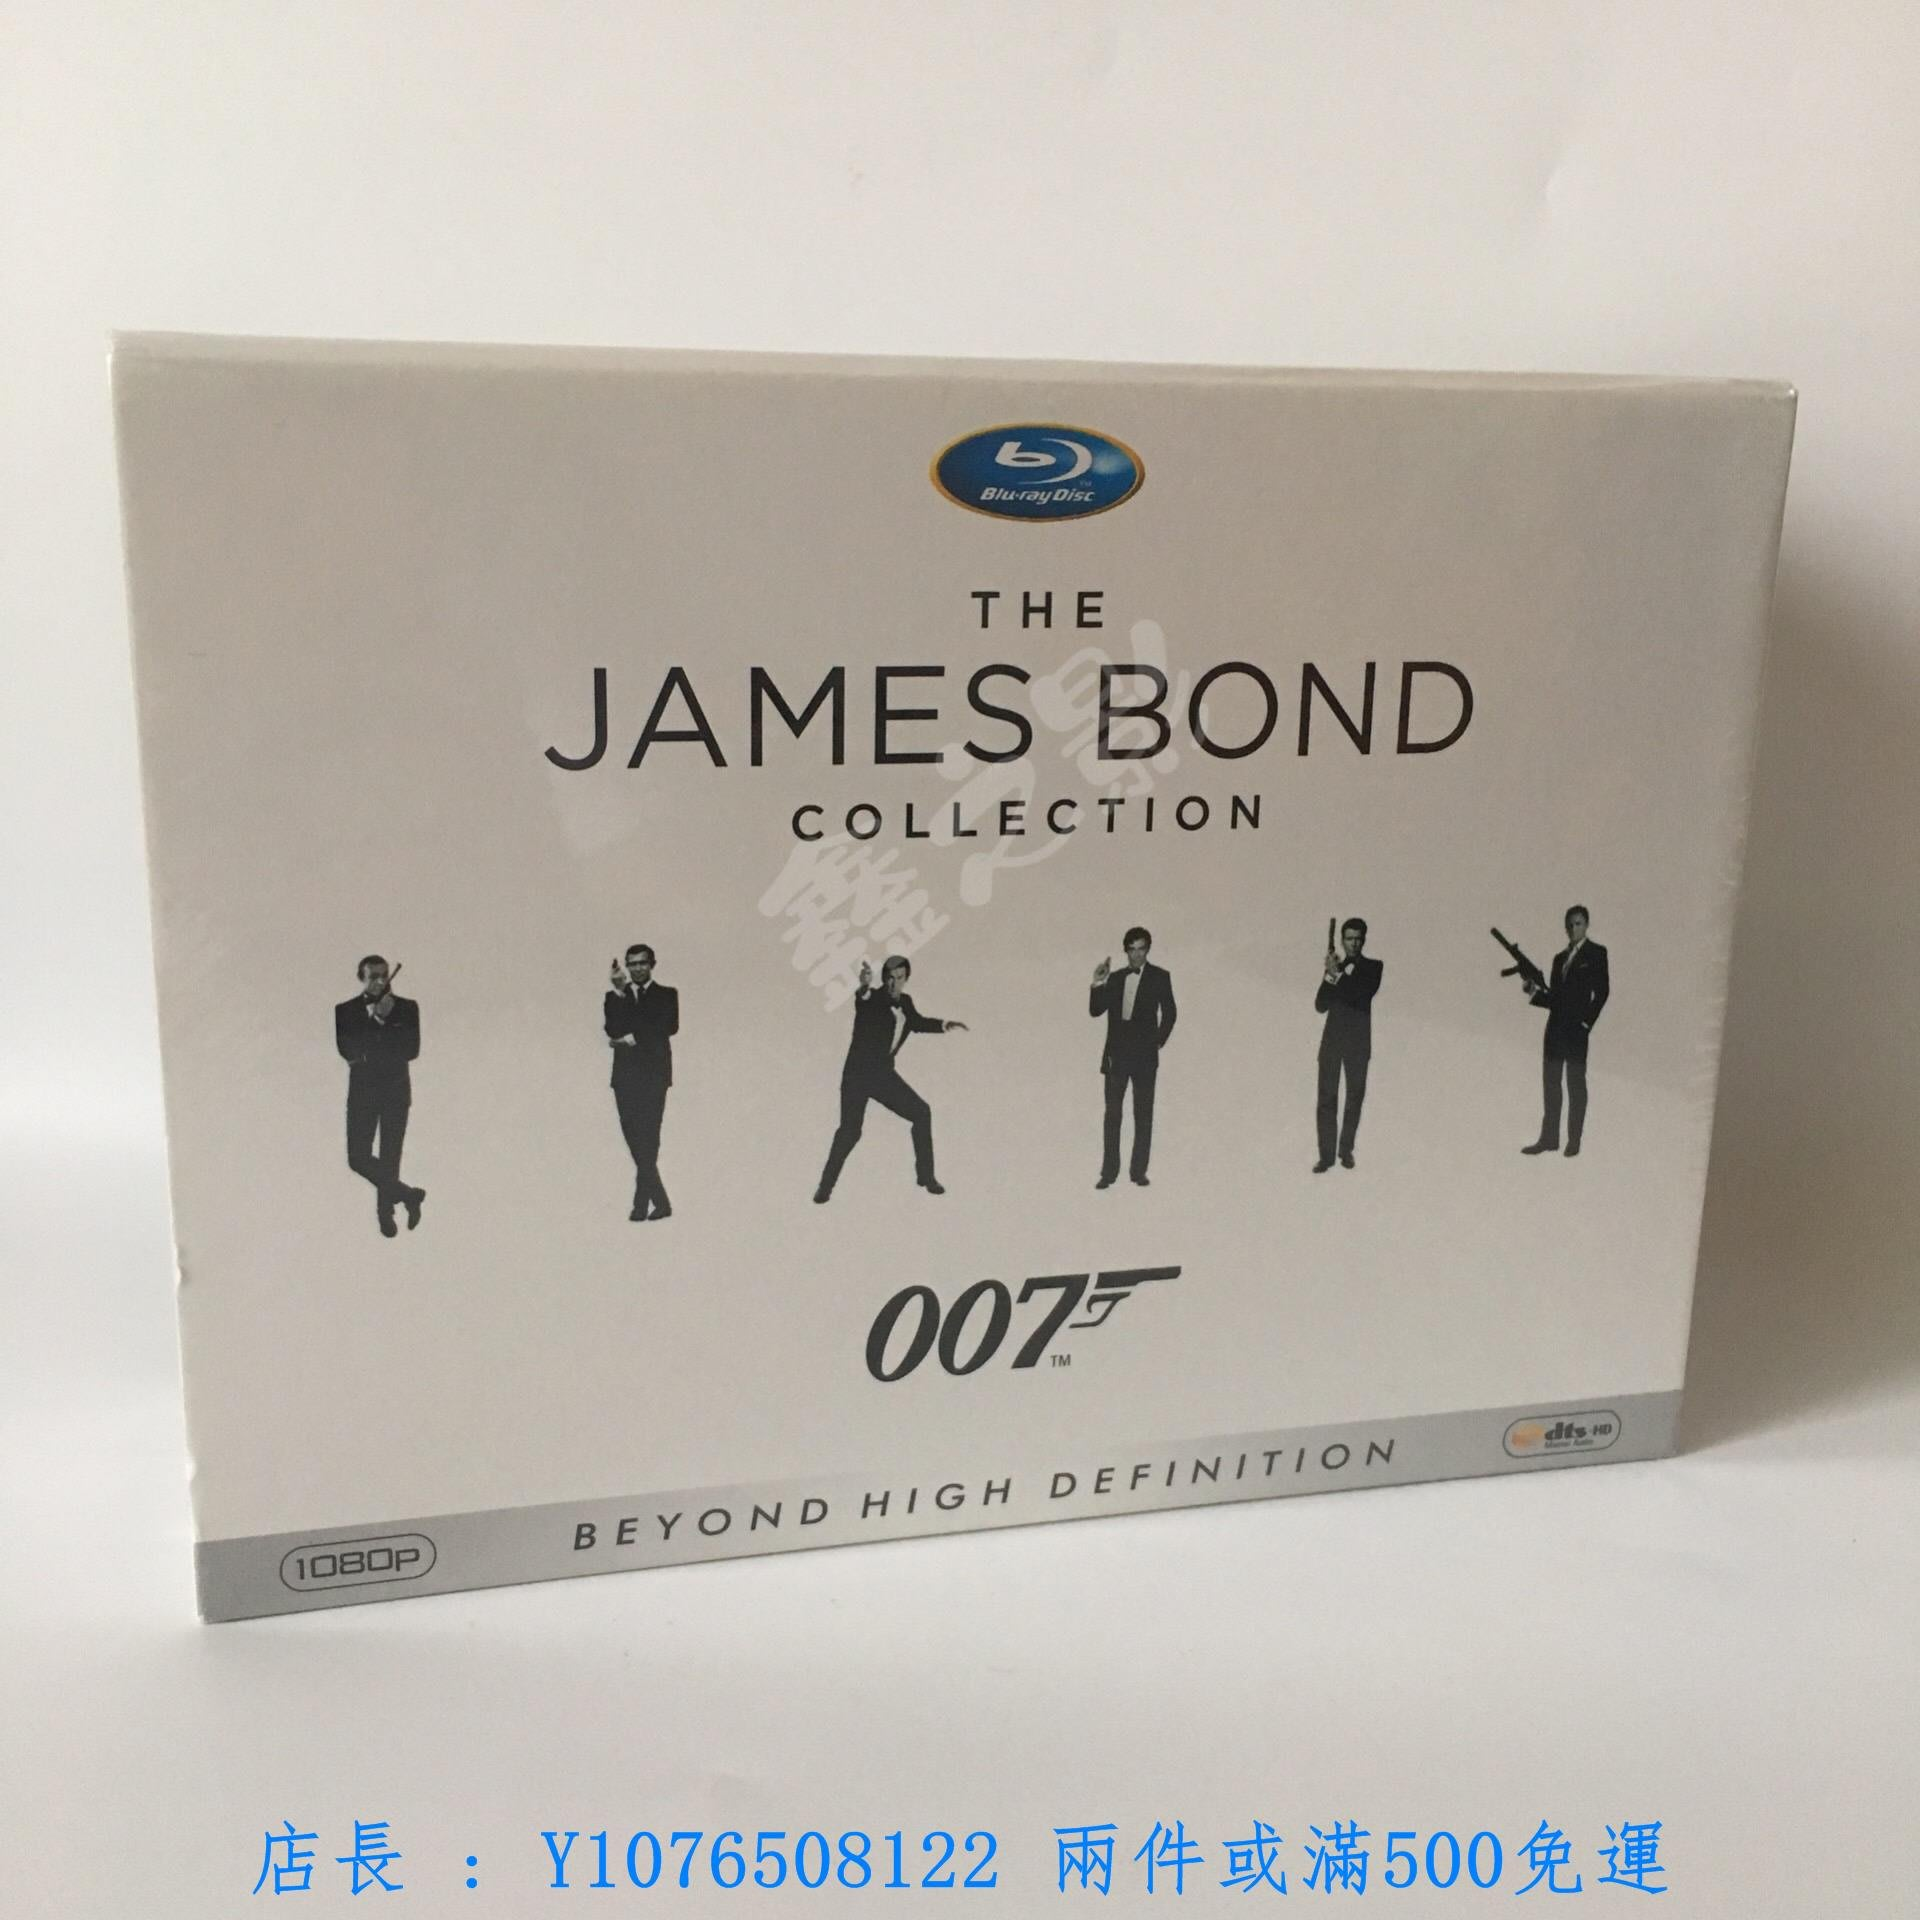 高清DVD 007電影全集 碟 詹姆斯邦德26部 電影收藏套裝繁體中字 全新盒裝雅慈店